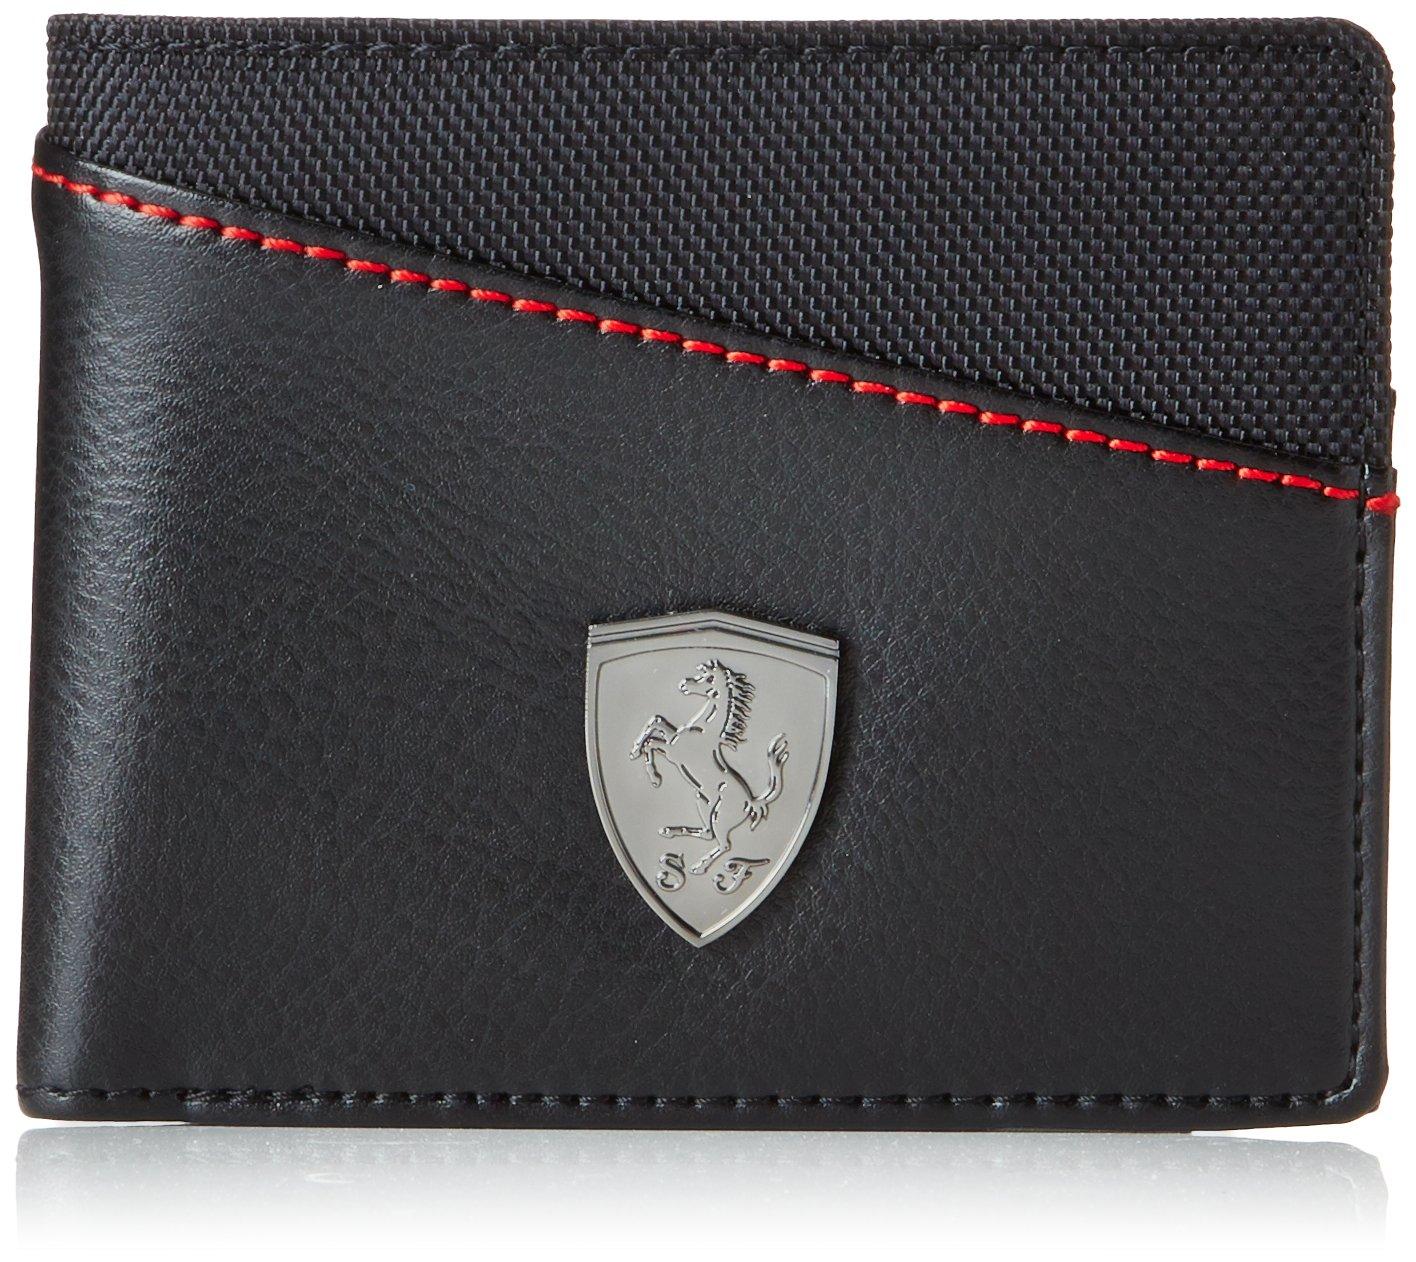 puma bmw wallet pink